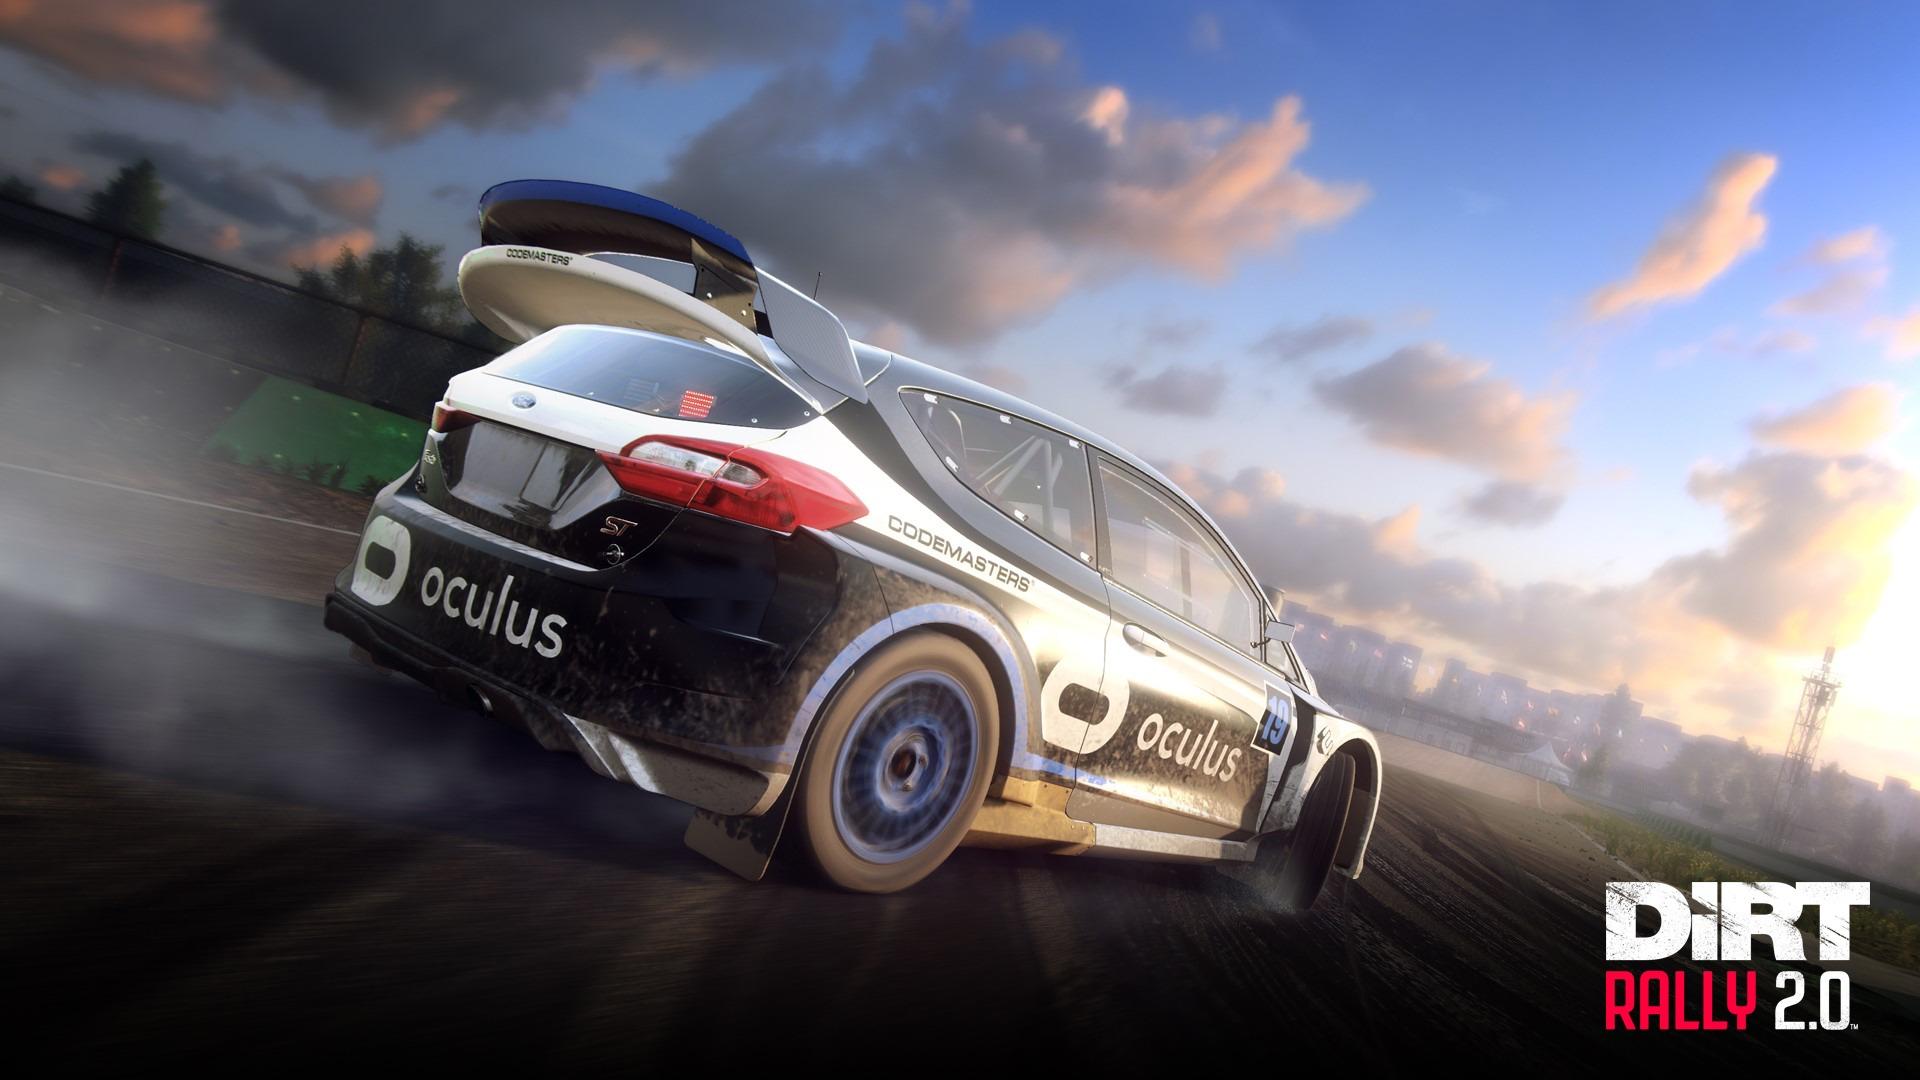 Megérkezett a Dirt Rally 2.0 támogatása